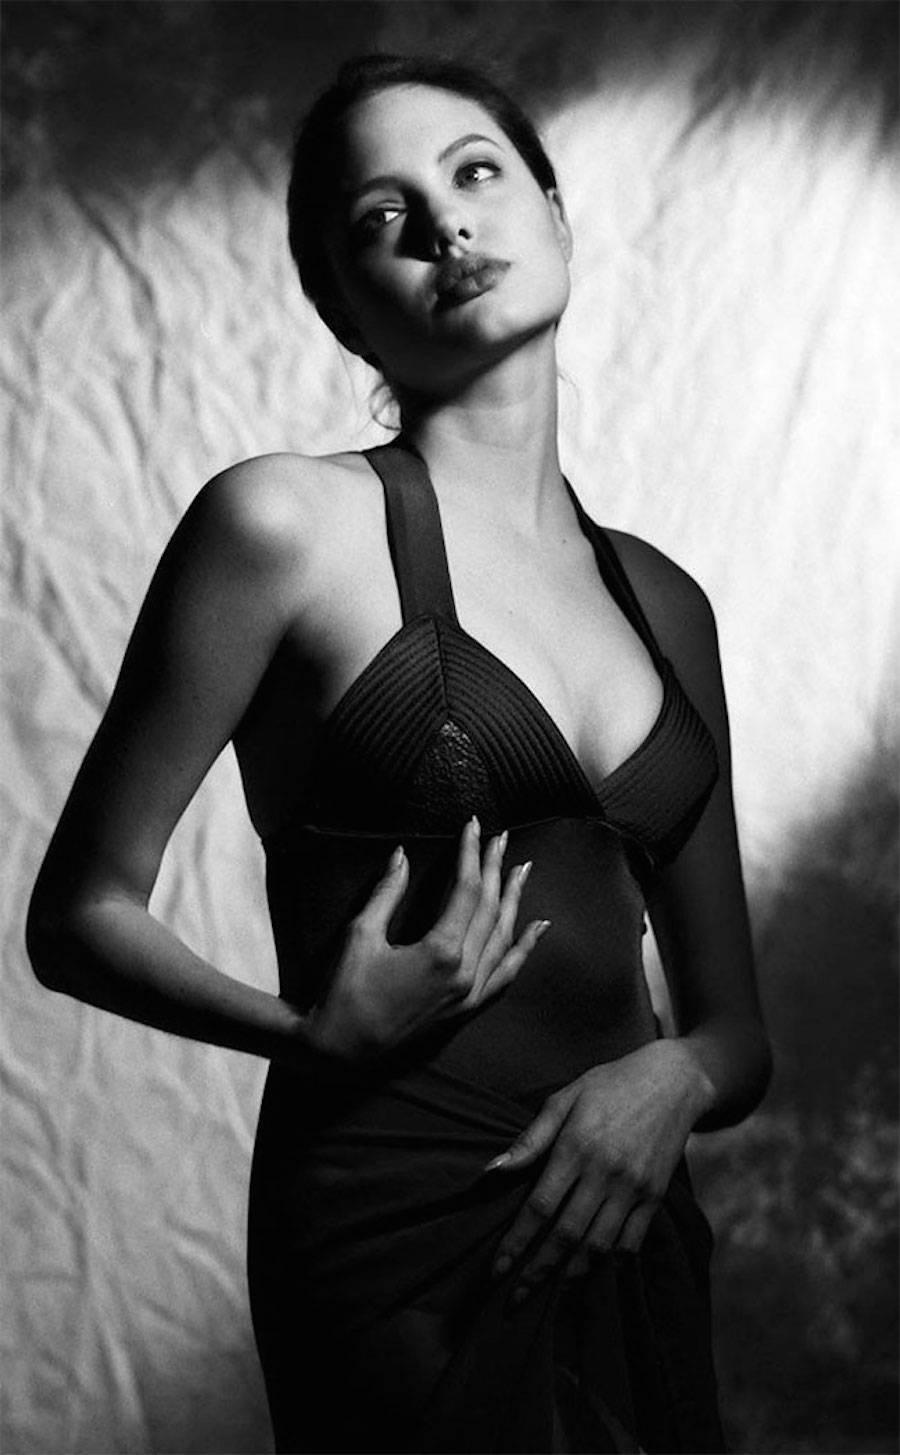 Замечательные портреты знаменитостей в 80-х, фотограф Гарри Лэнгдон